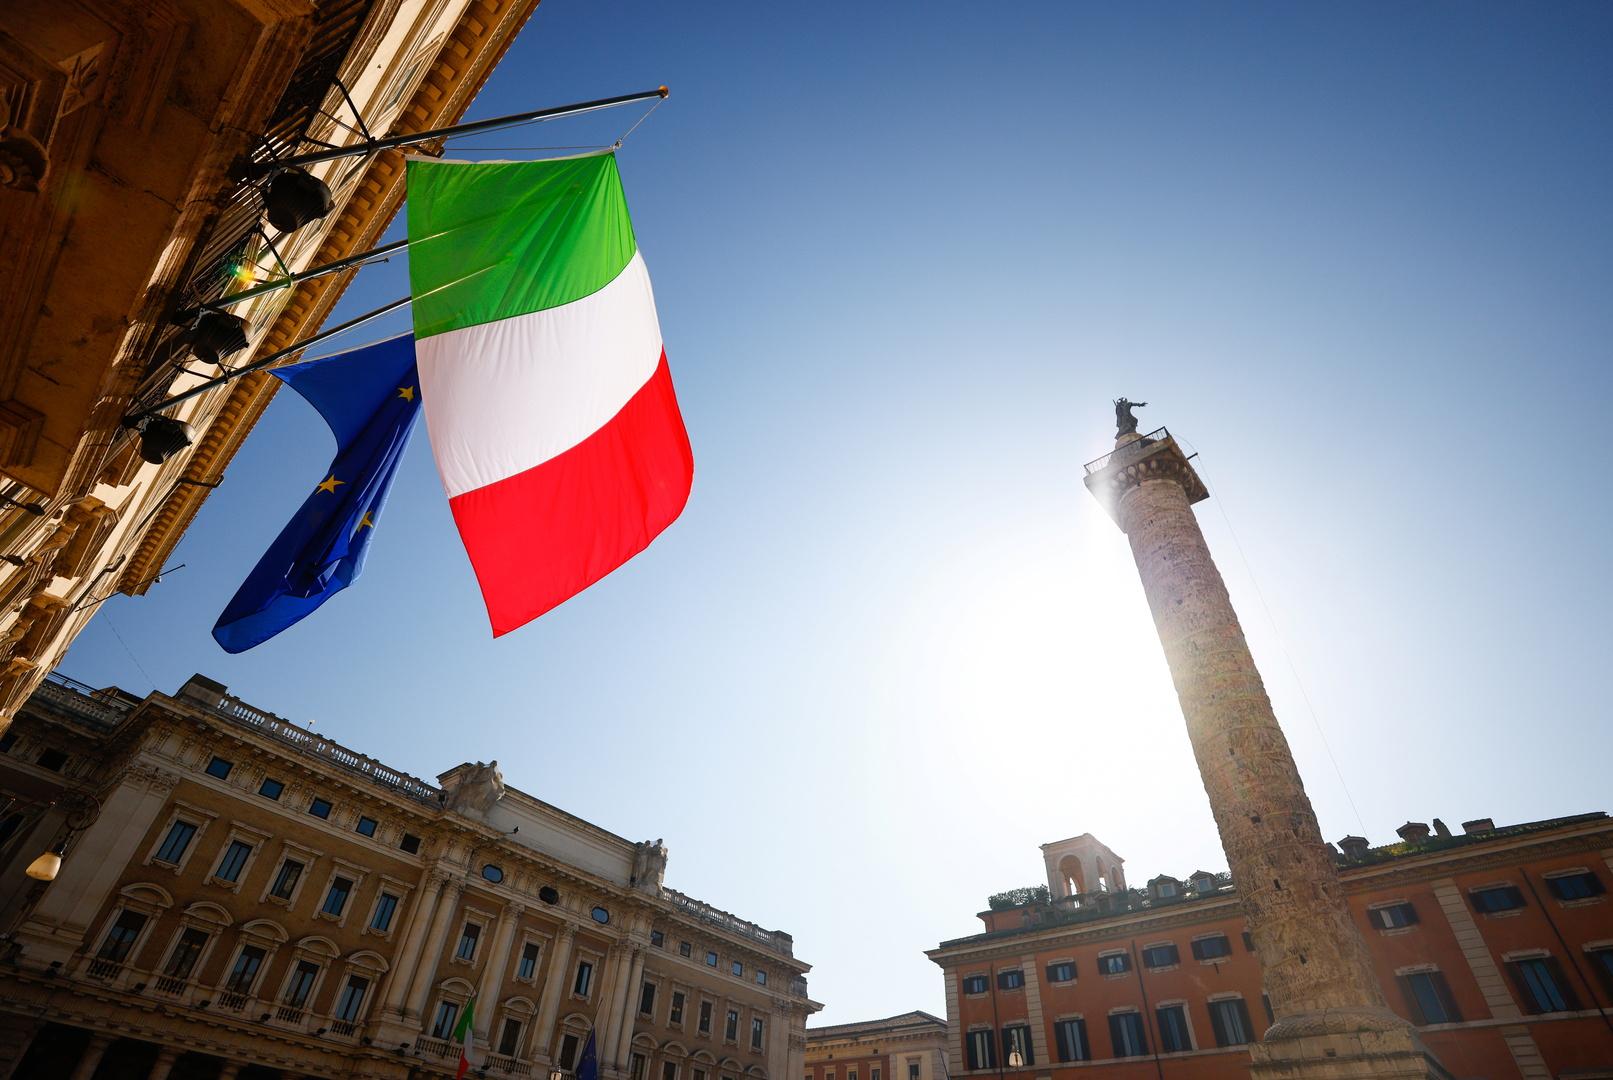 العلم الإيطالي وعلم الاتحاد الأوروبي